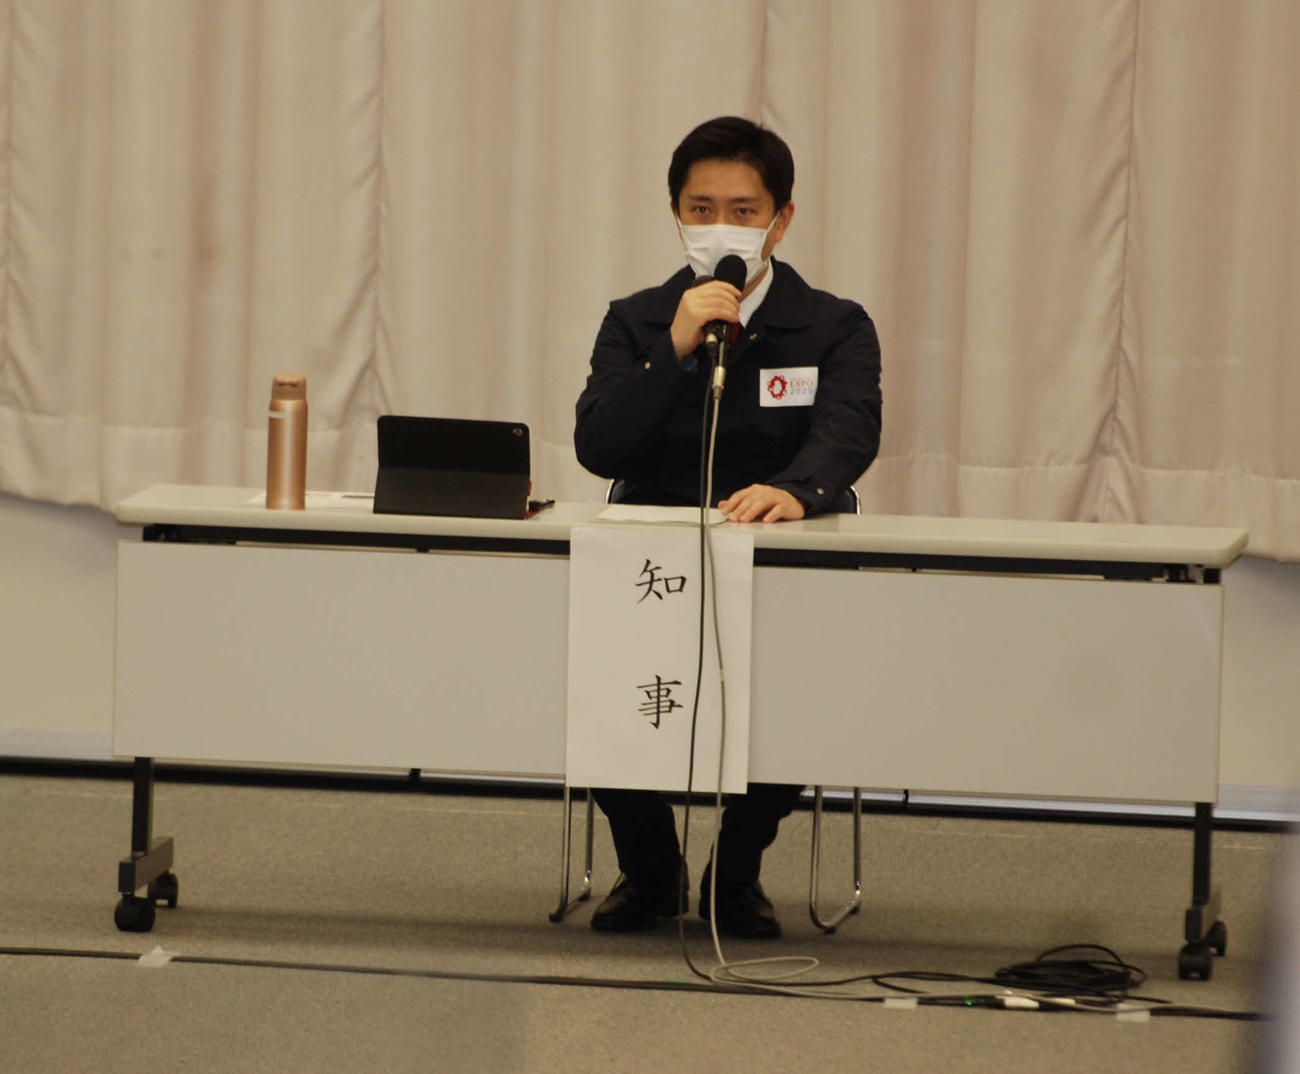 府の対策本部会議に出席した吉村洋文知事(撮影・松浦隆司)